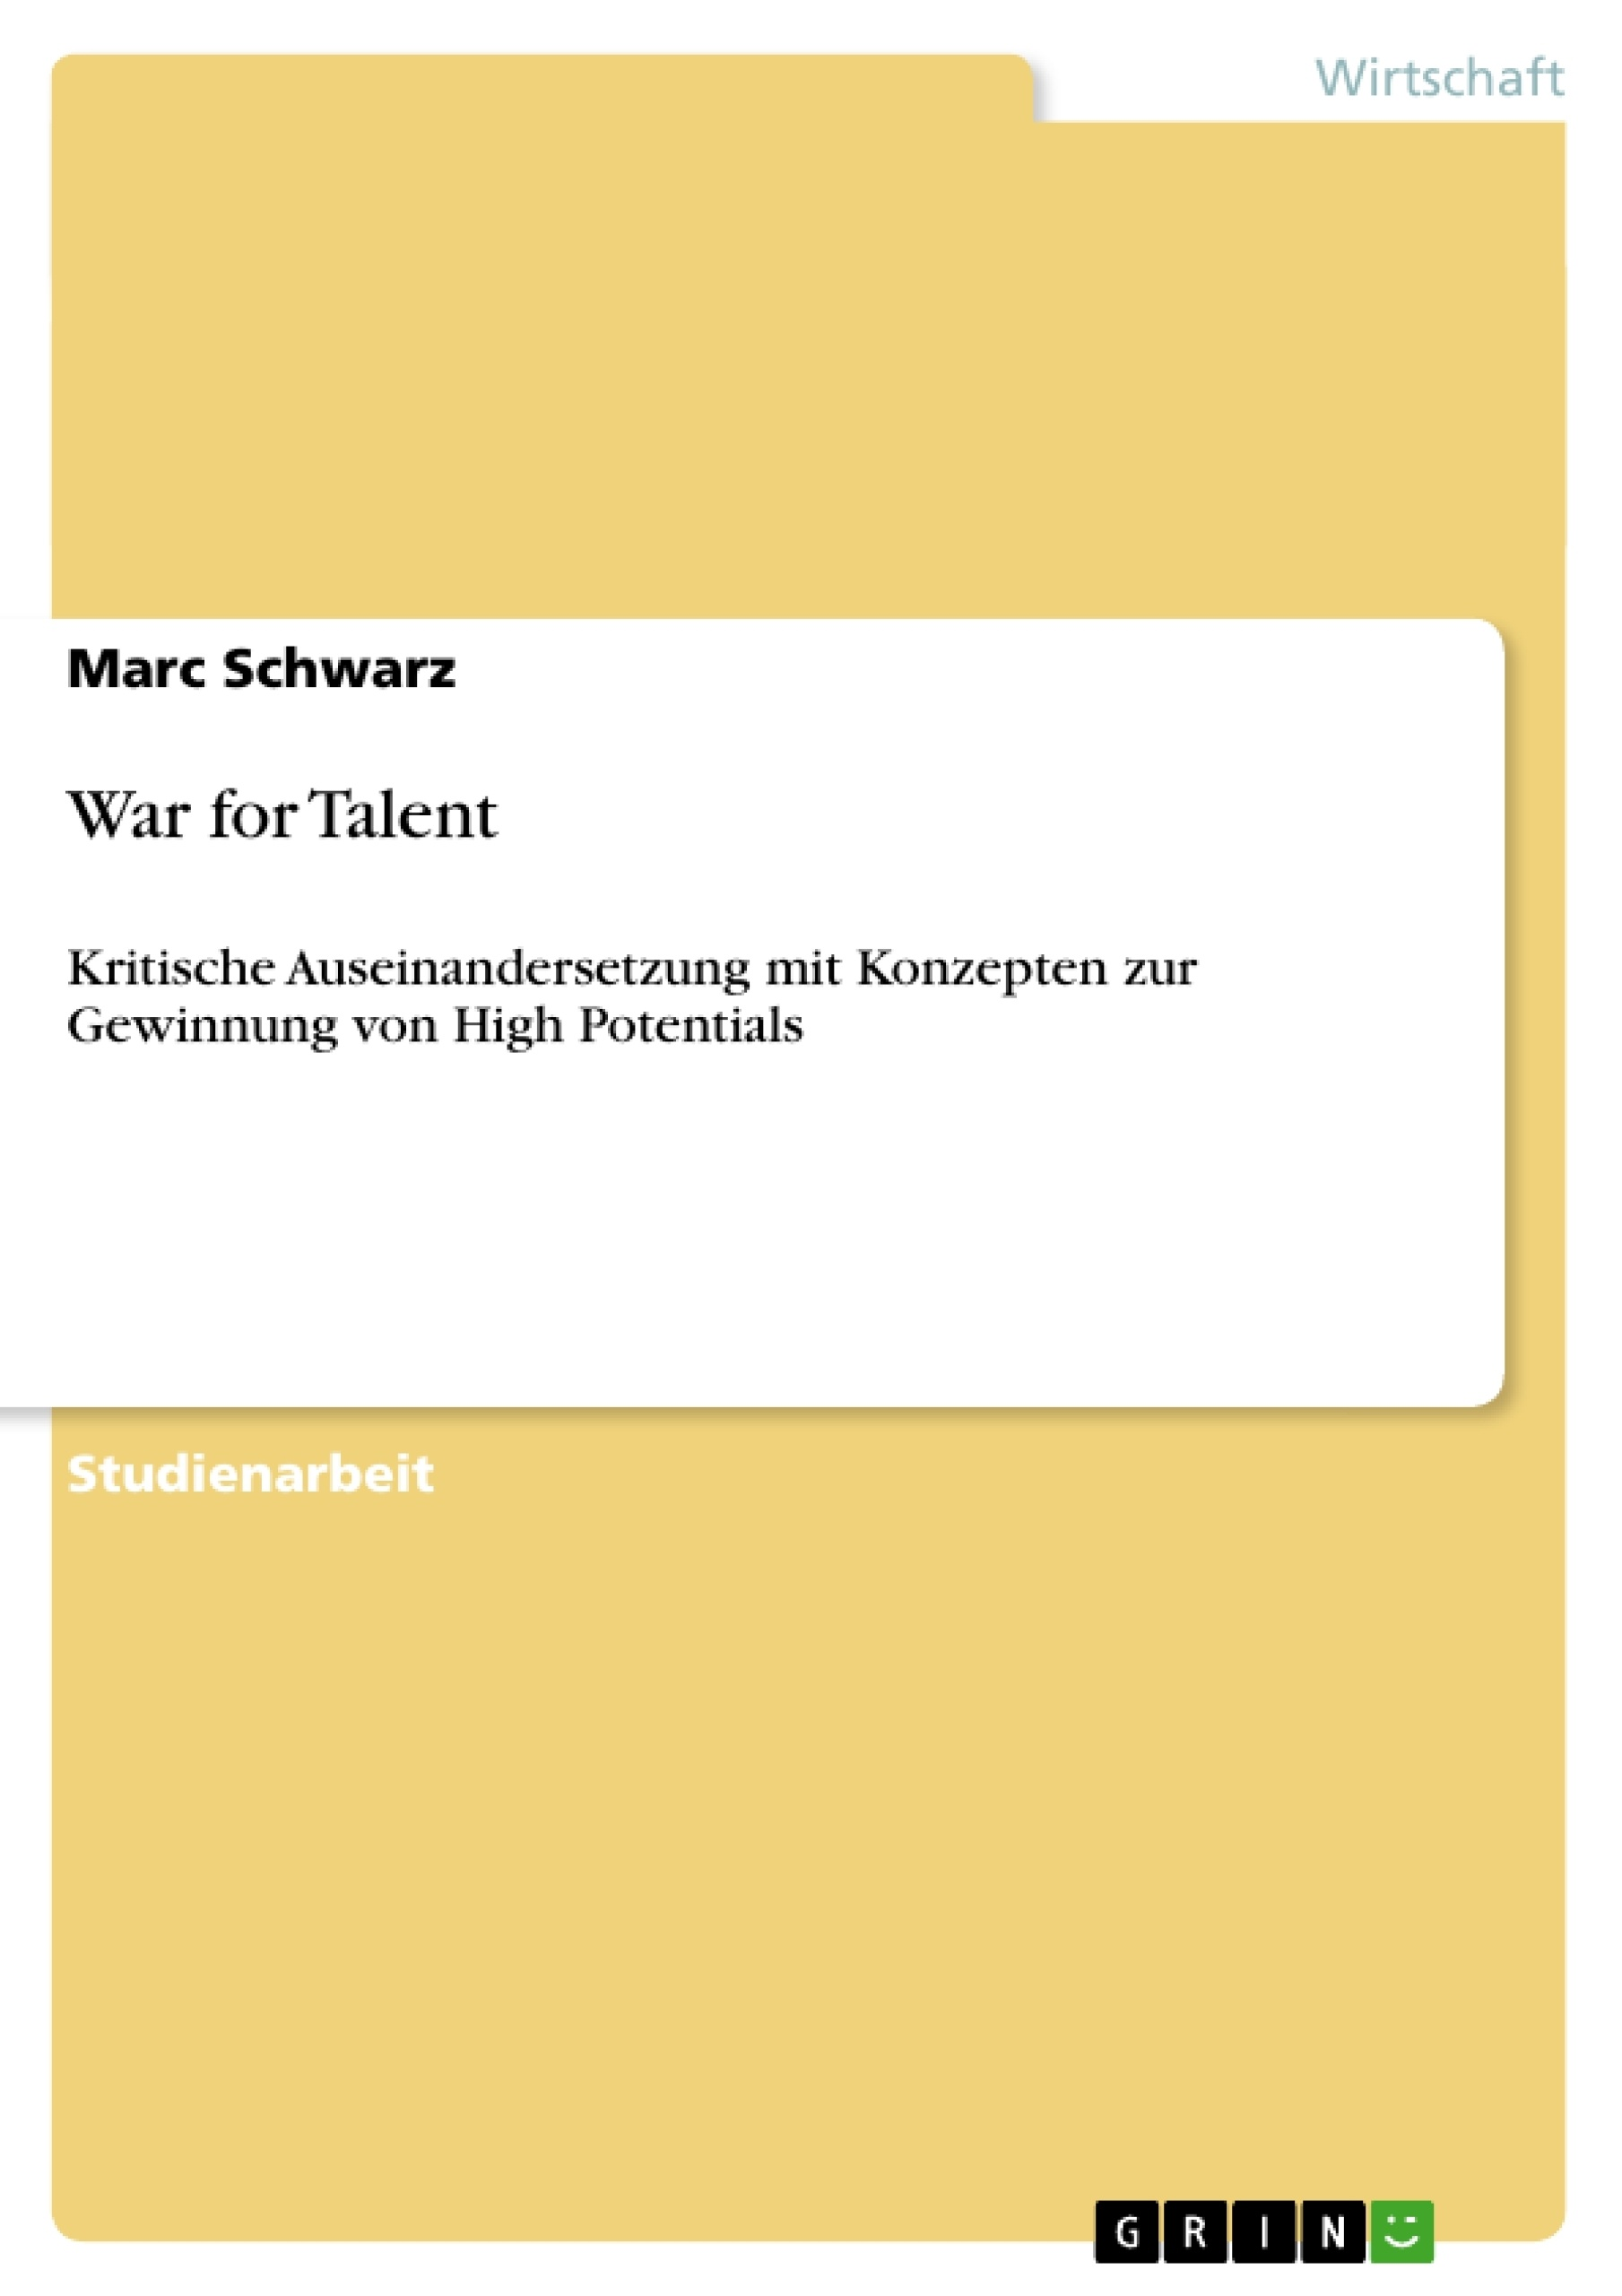 Titel: War for Talent